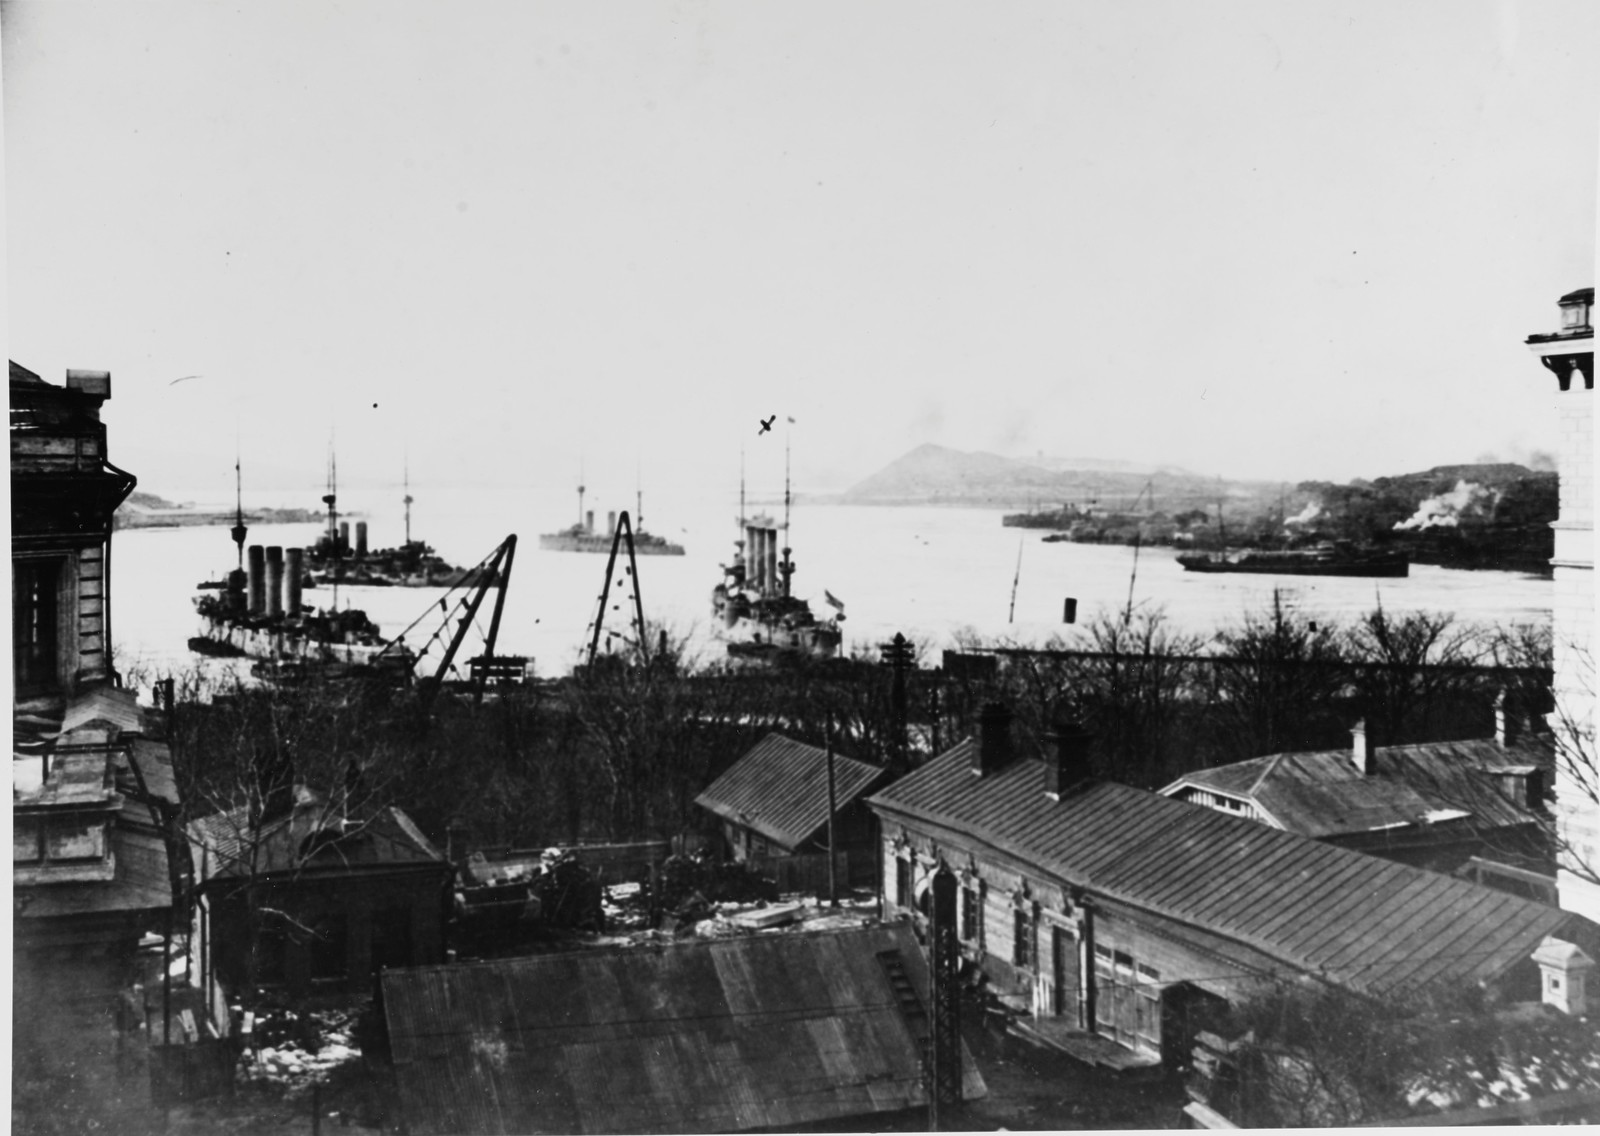 1918. Флагман Азиатского флота Бруклин (в центре «Х») в заливе Петра Великого